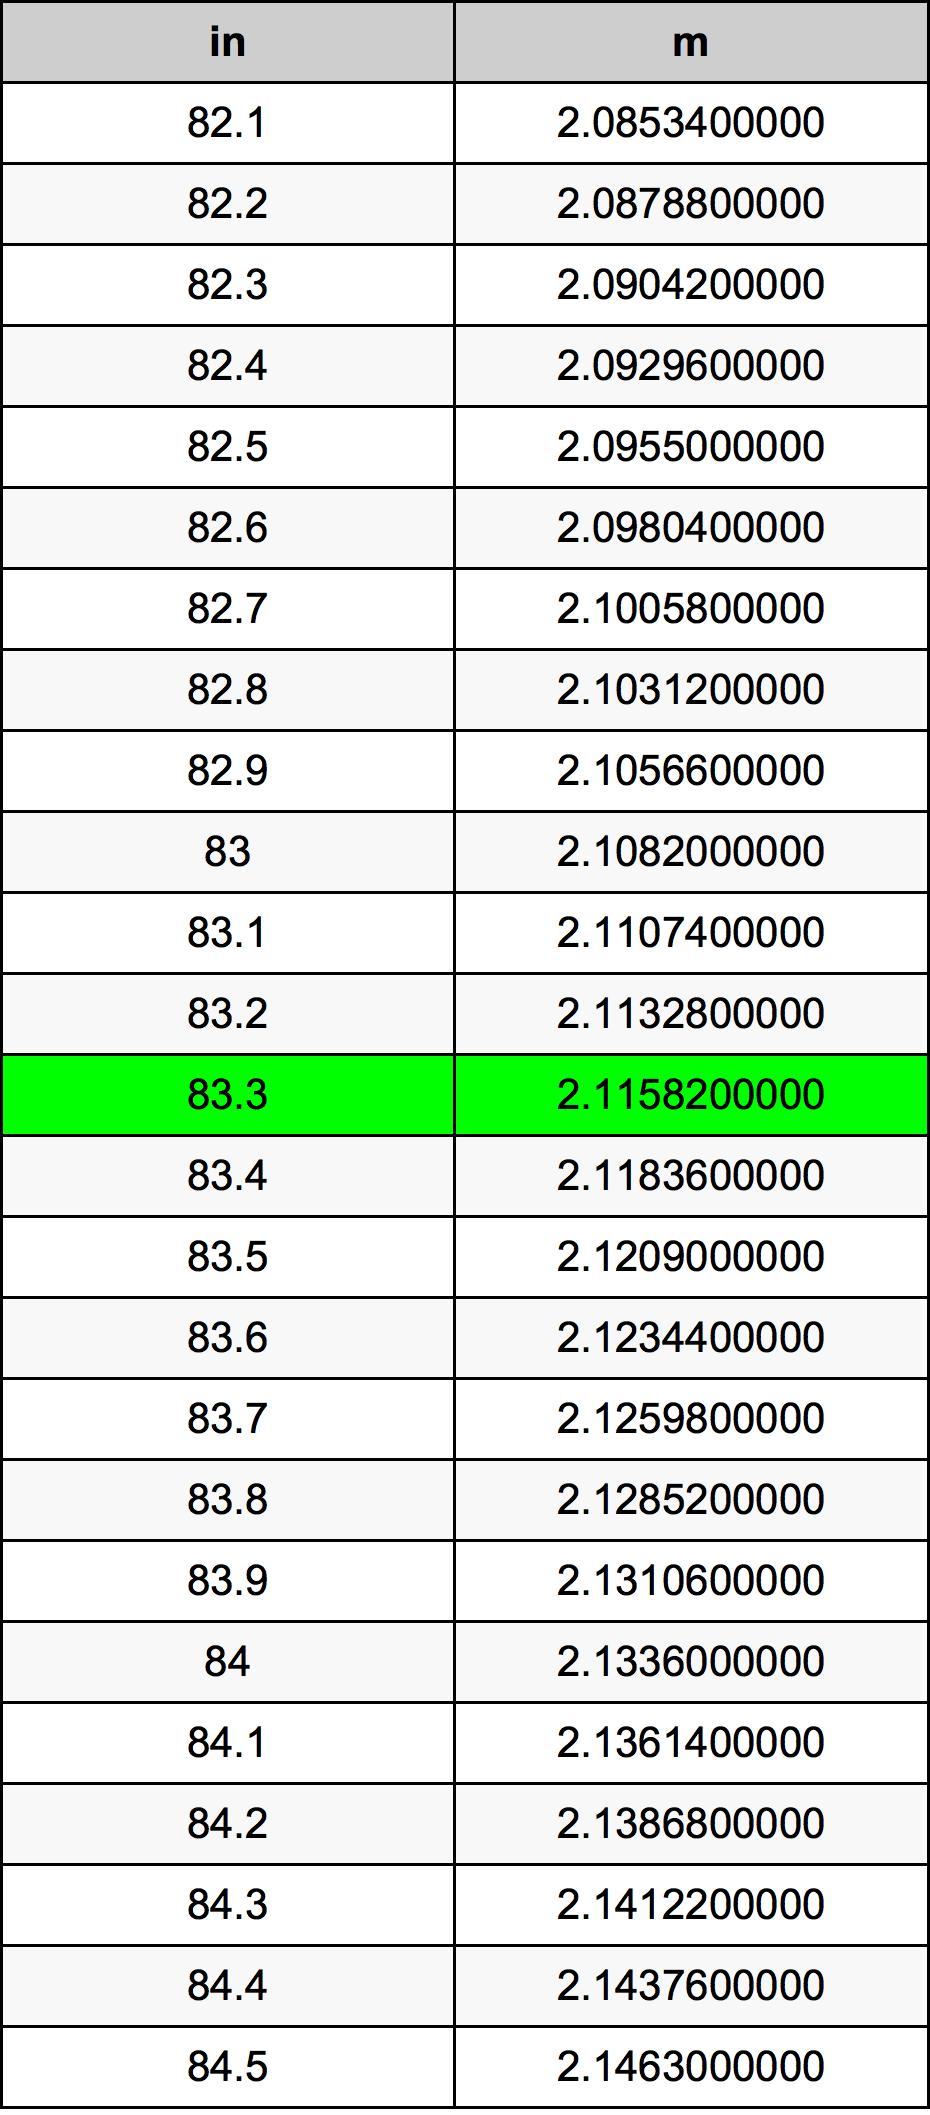 83.3 Tomme konverteringstabellen